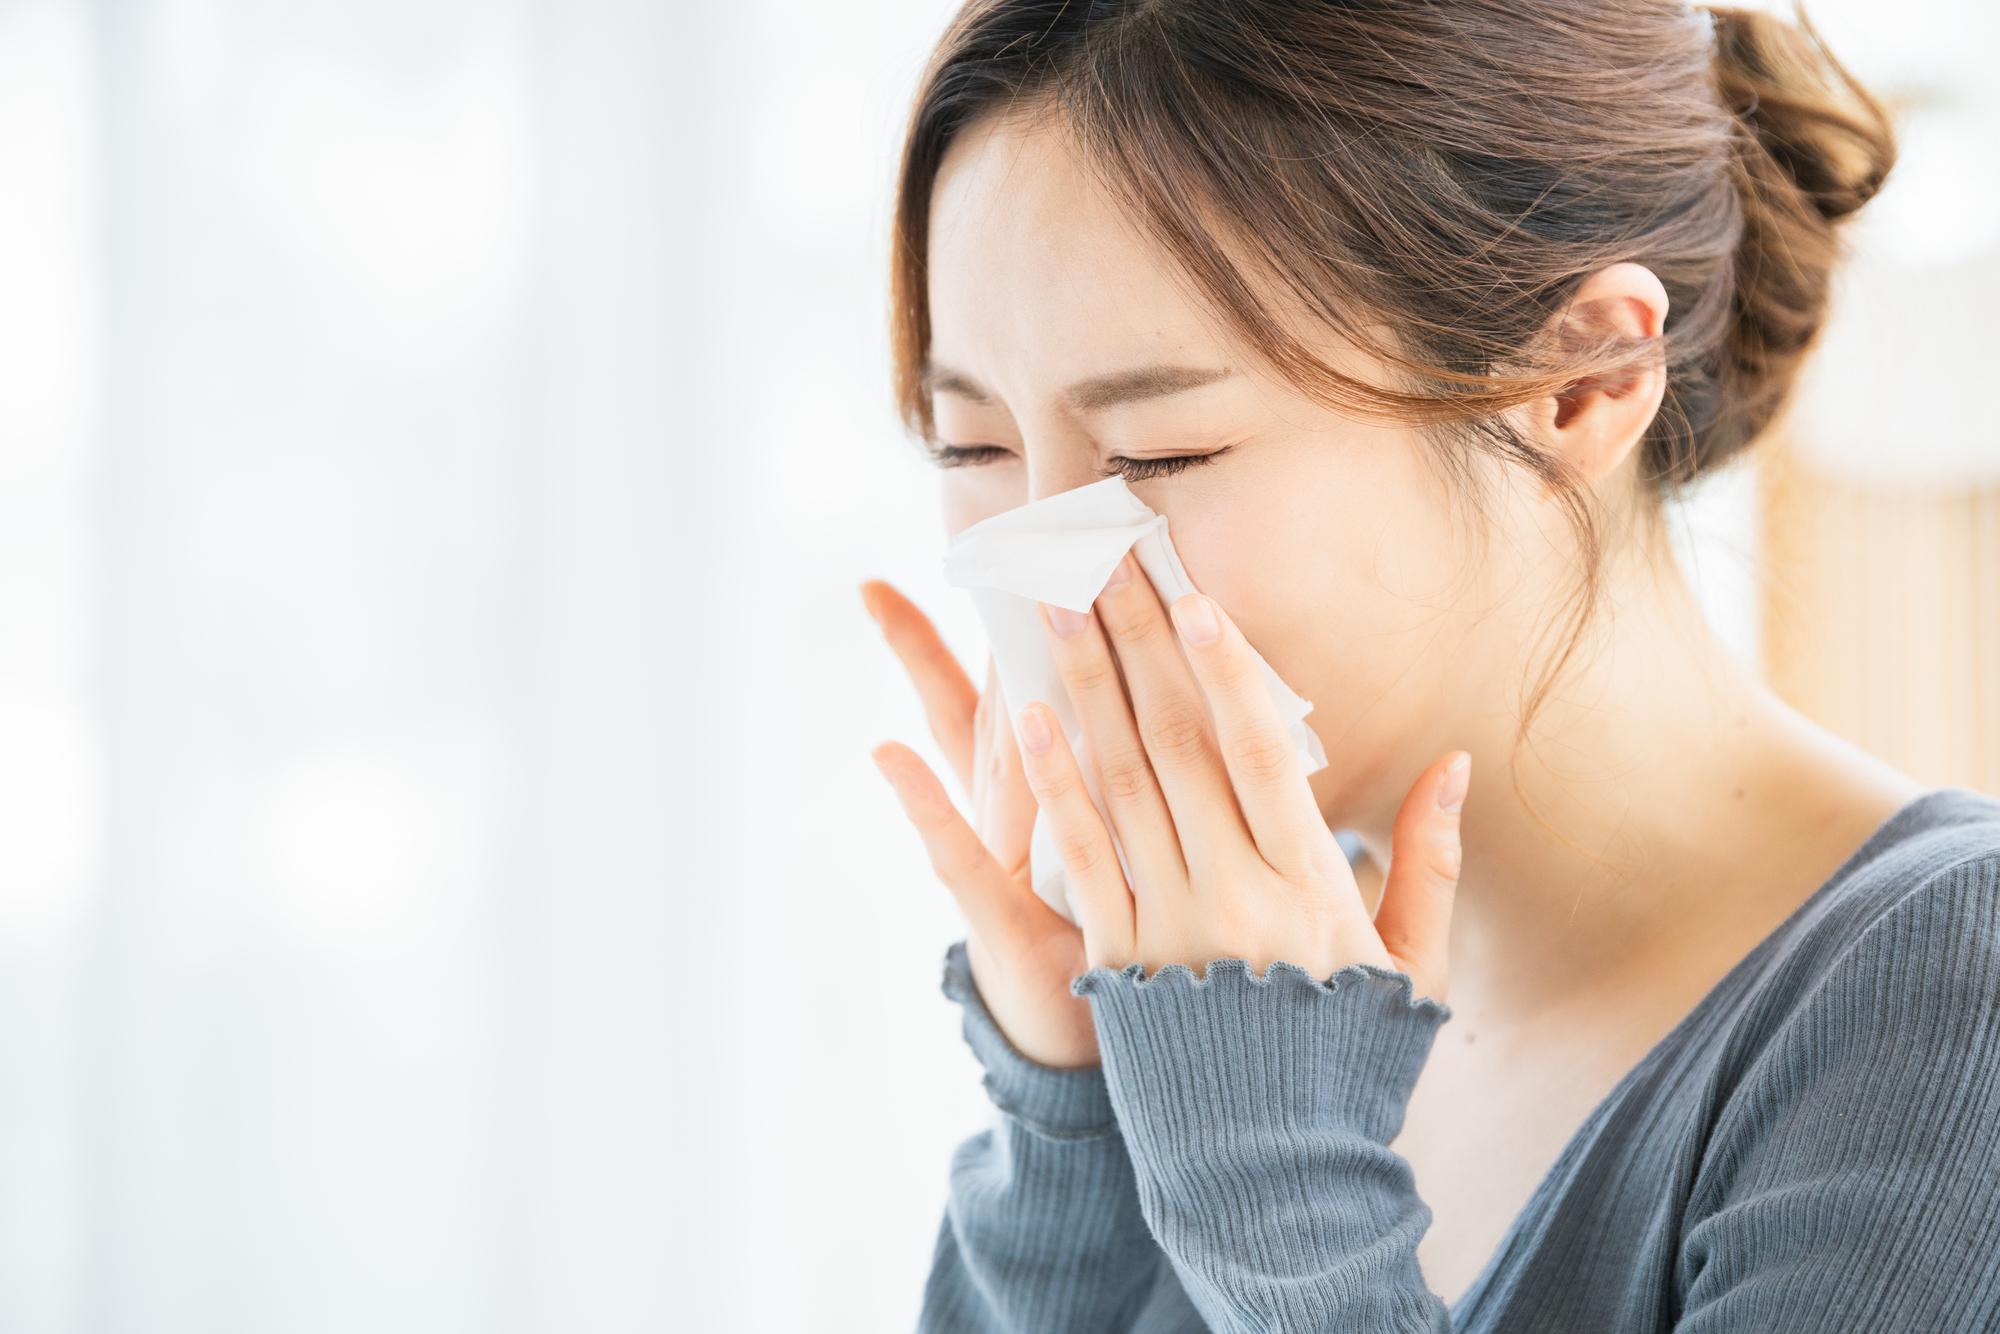 くるみアレルギーとは?症状や食品への表示について解説!